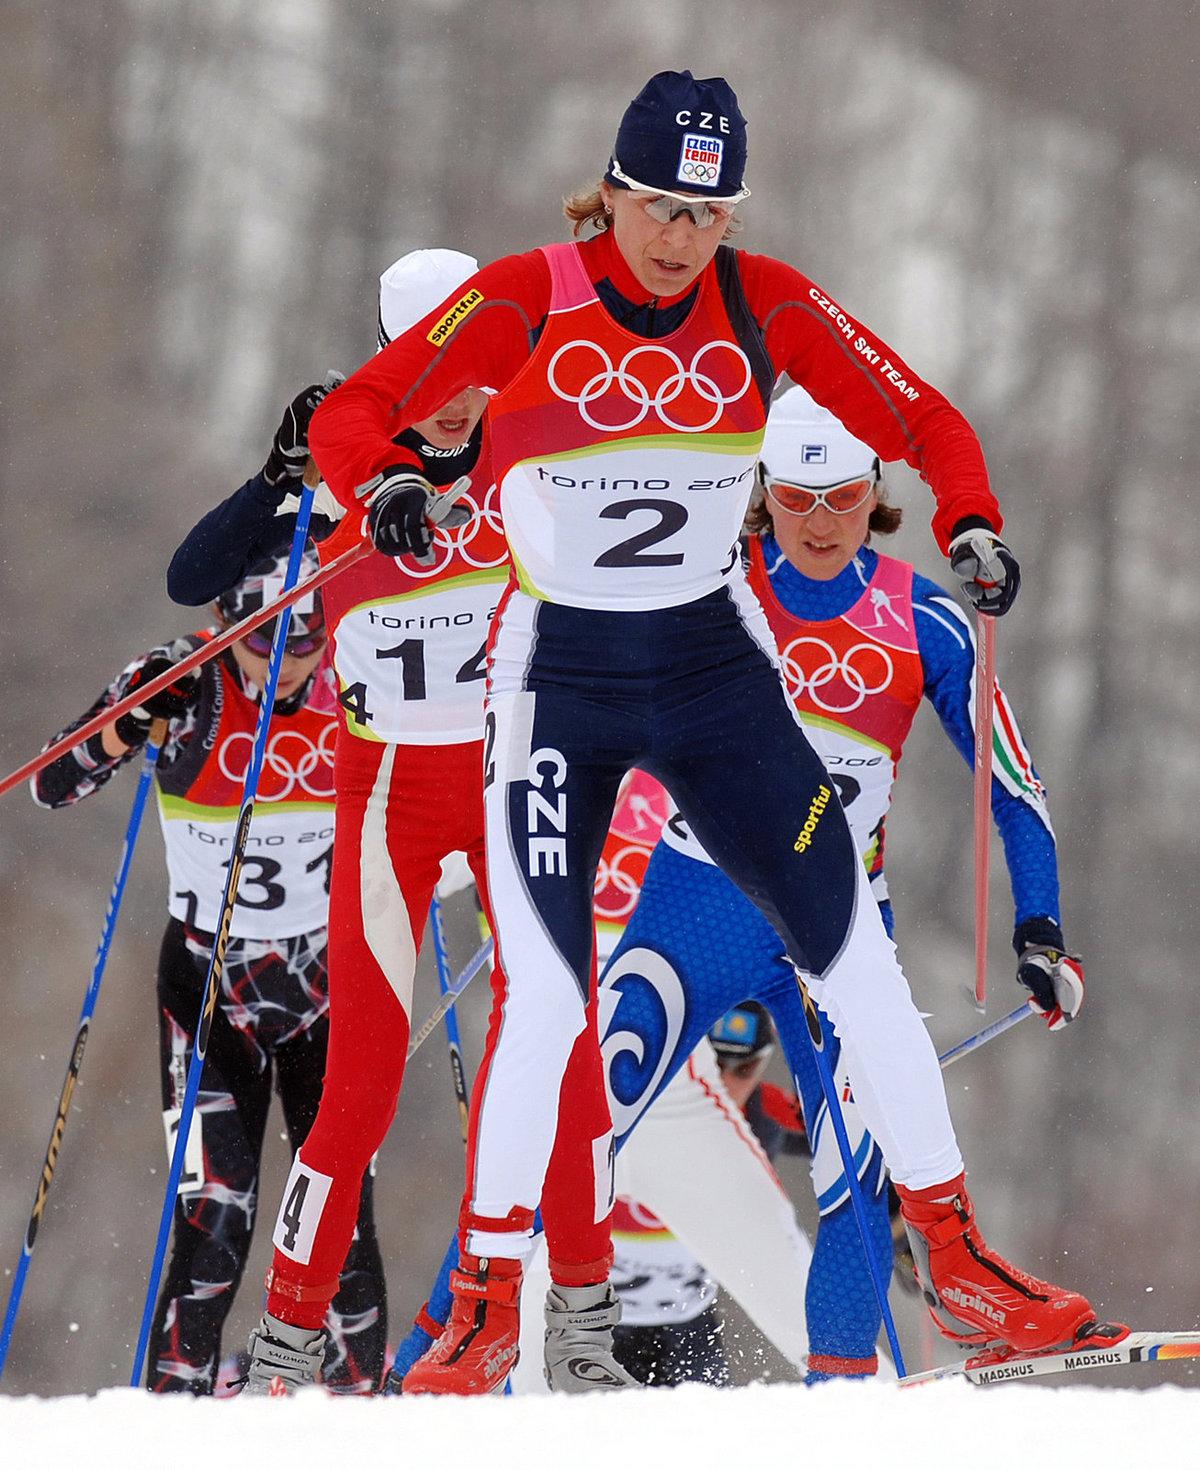 Kateřina Neumannová na volné třicítce na olympiádě v Turíně, kde nakonec získala své slavné zlato